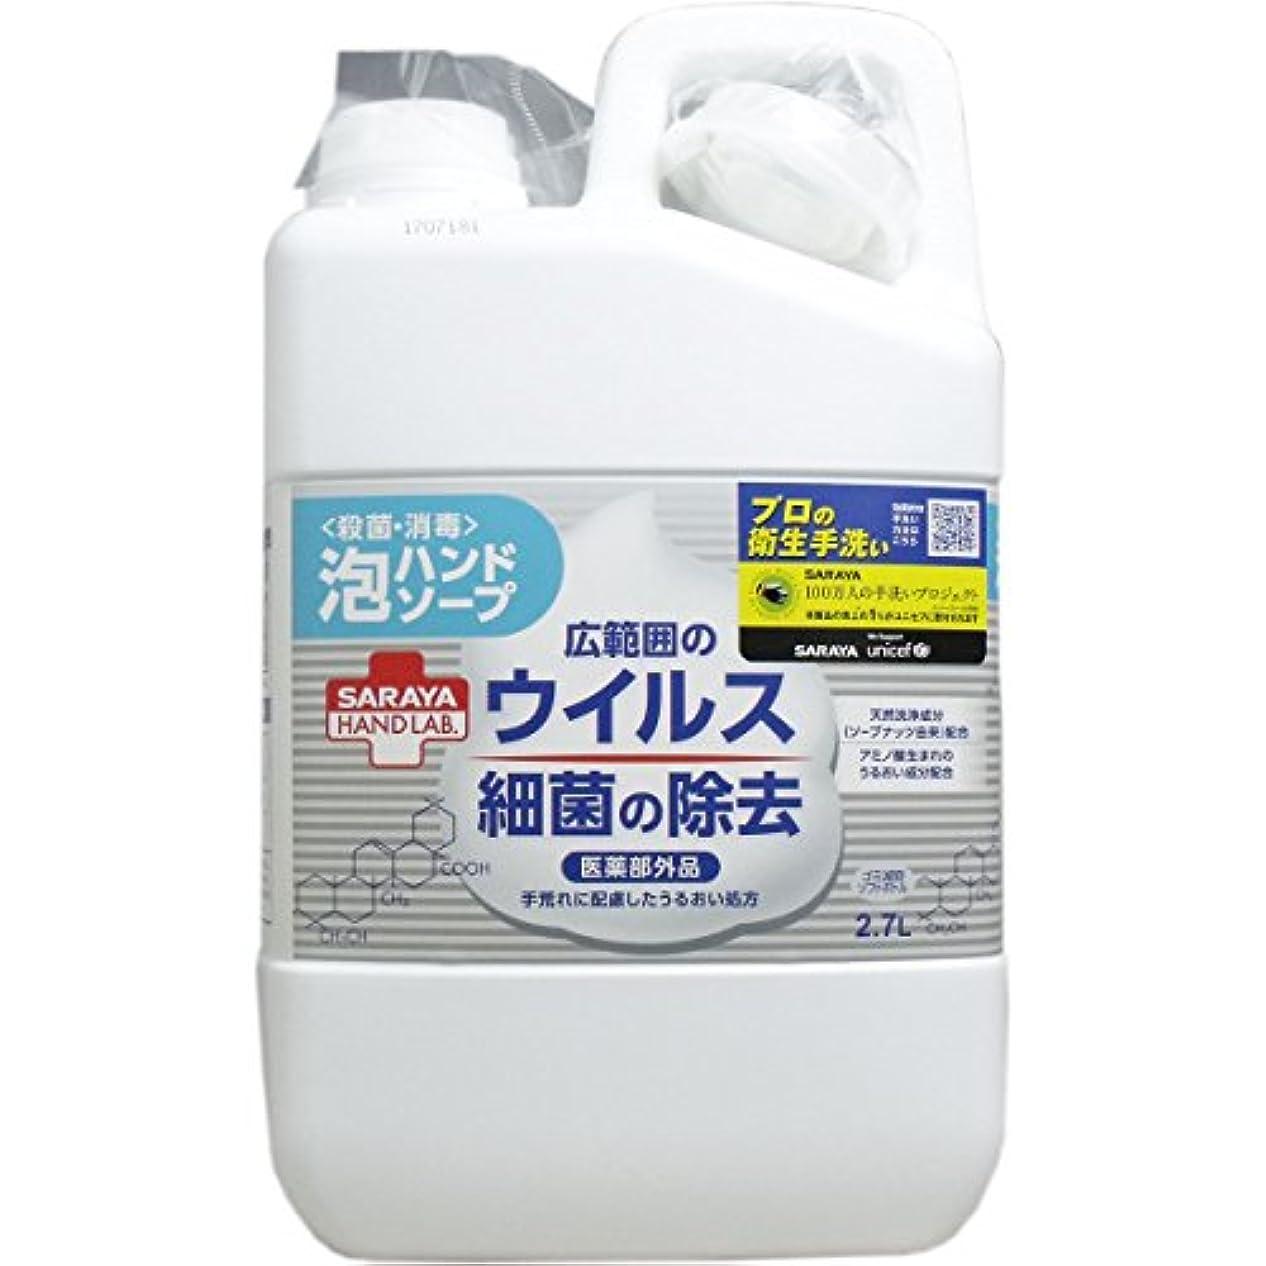 住居滑りやすい耕すサラヤ ハンドラボ薬用泡ハンドソープ 詰替用 2.7L×3